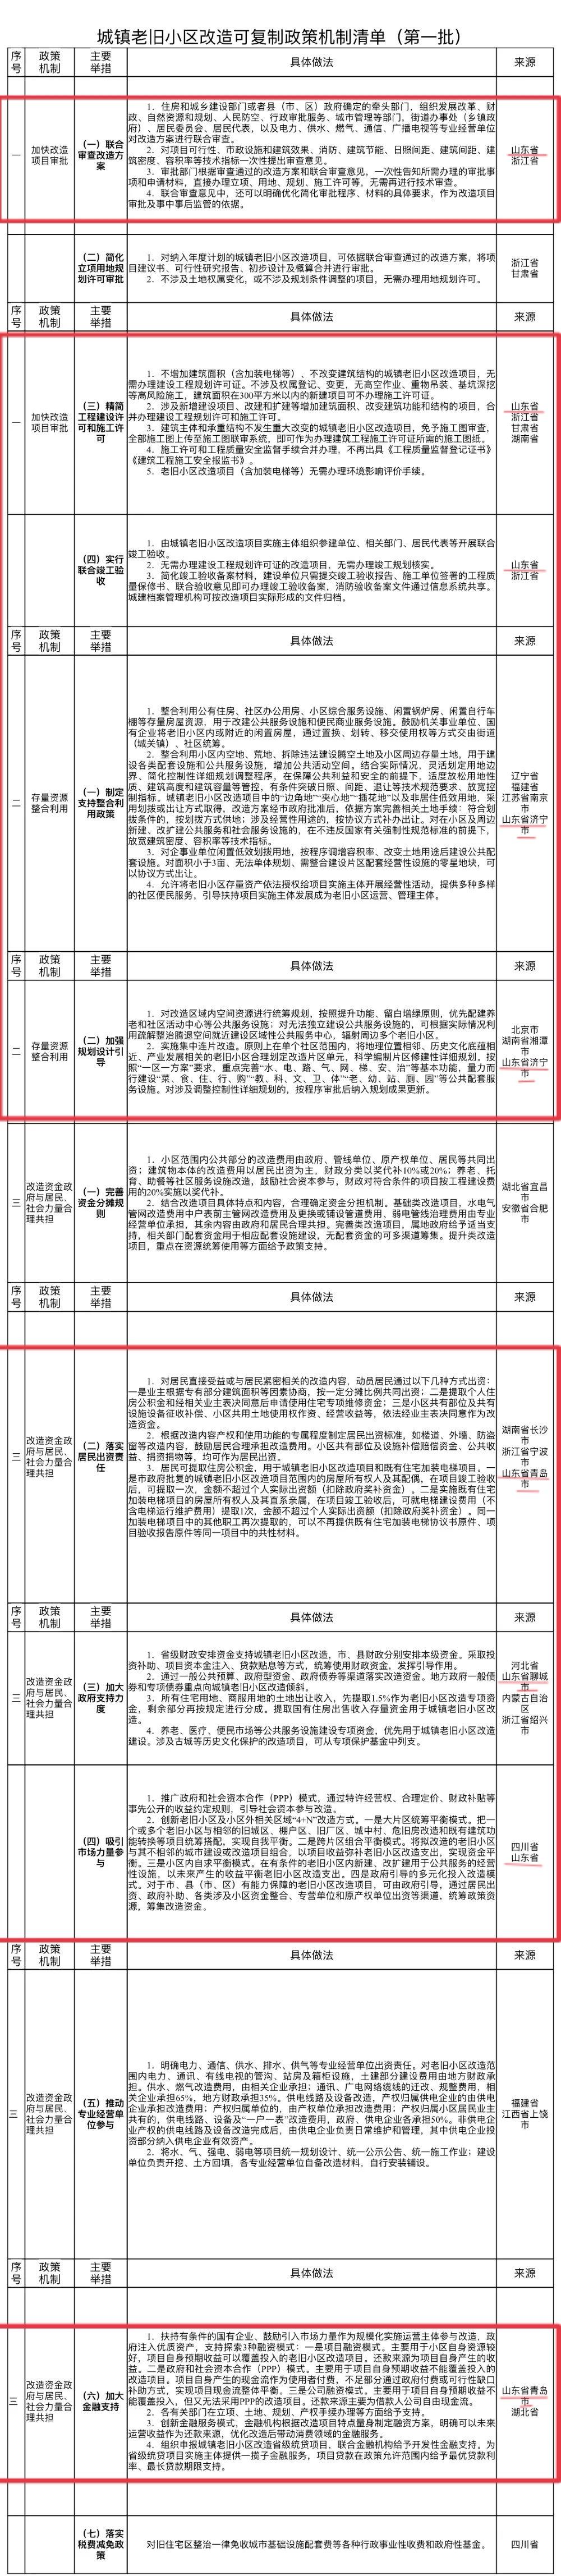 山东省多项举措入选城镇老旧小区改造可复制清单